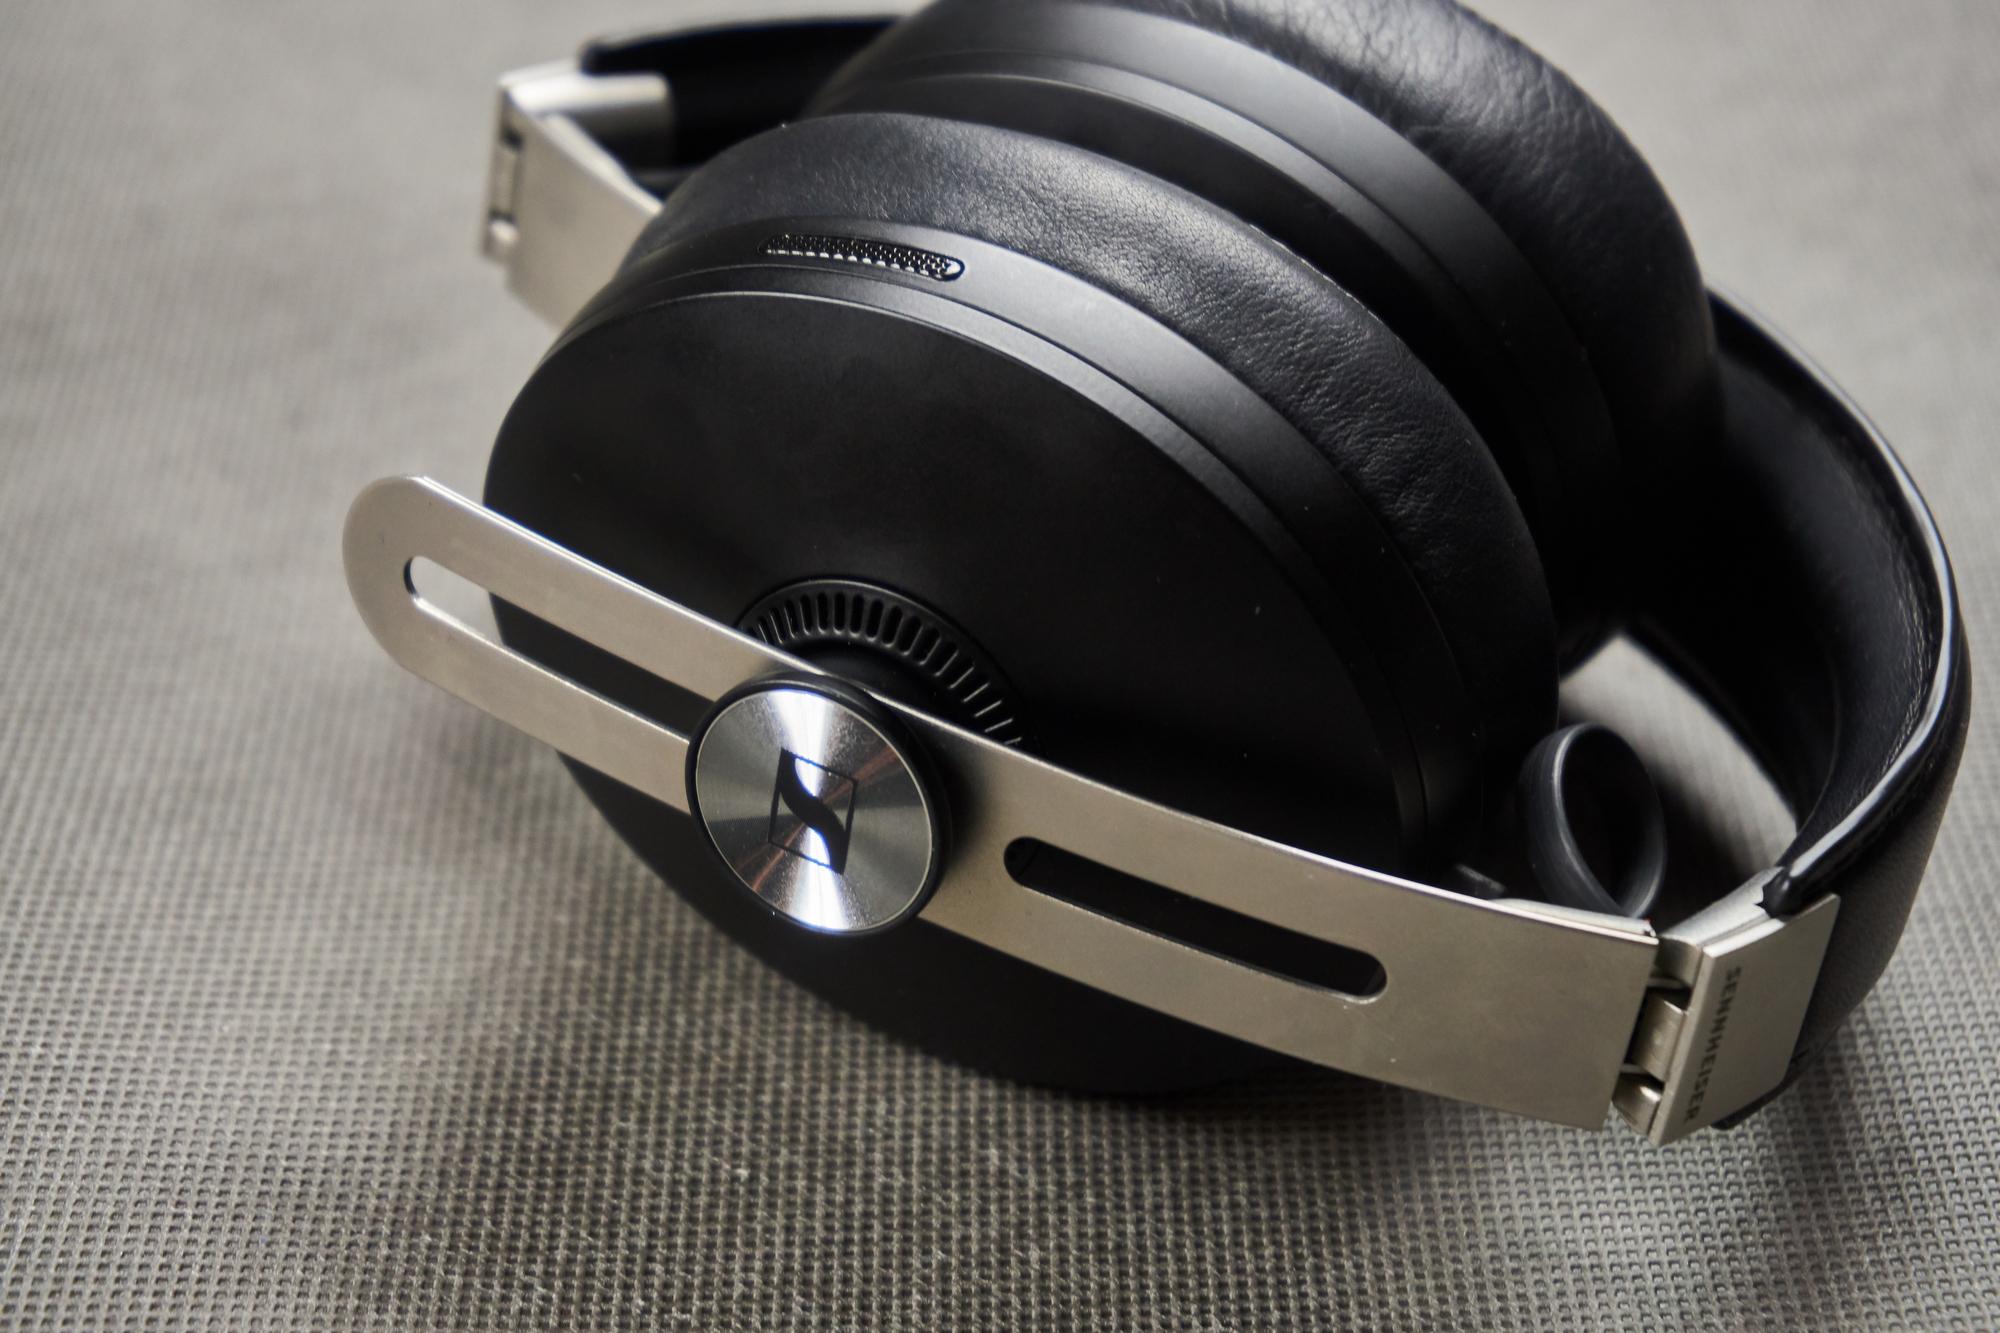 Recenzja Sennheiser Momentum Wireless - niemieckim inżynierom dźwięku progres nie jest obcy 15 Sennheiser Momentum Wireless